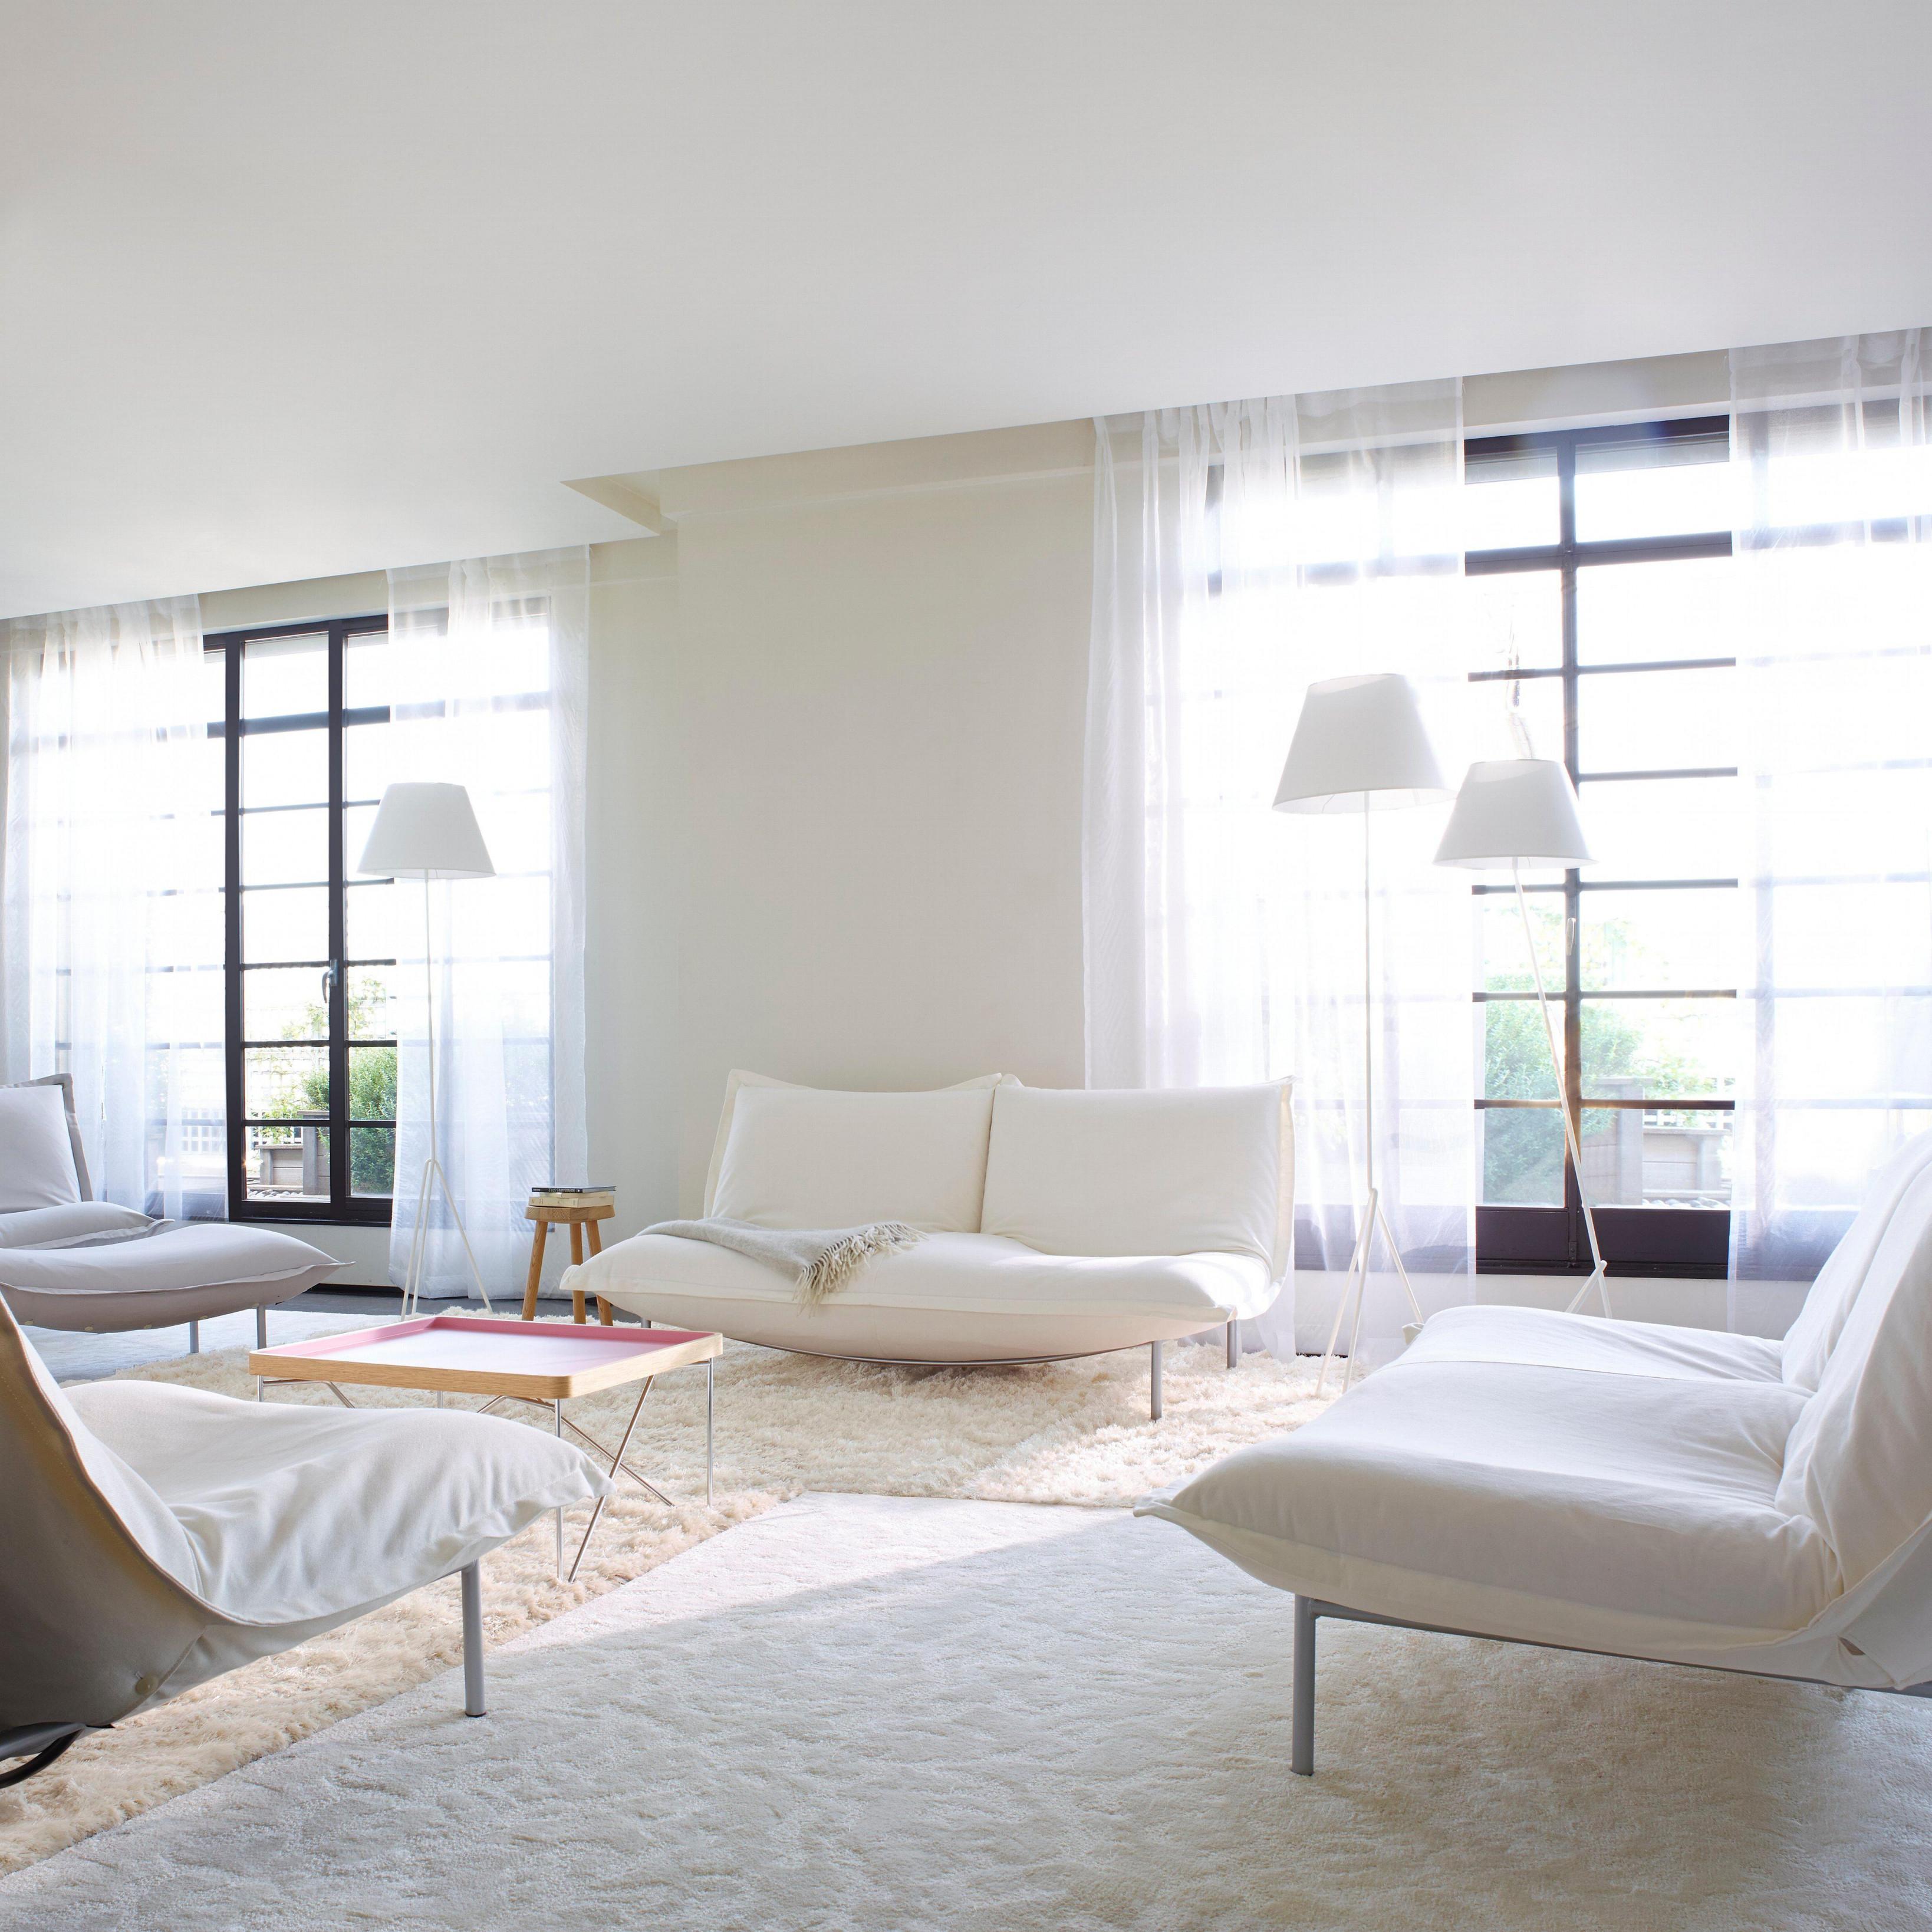 Weißes Wohnzimmer • Bilder  Ideen • Couch von Weißes Wohnzimmer Einrichten Bild